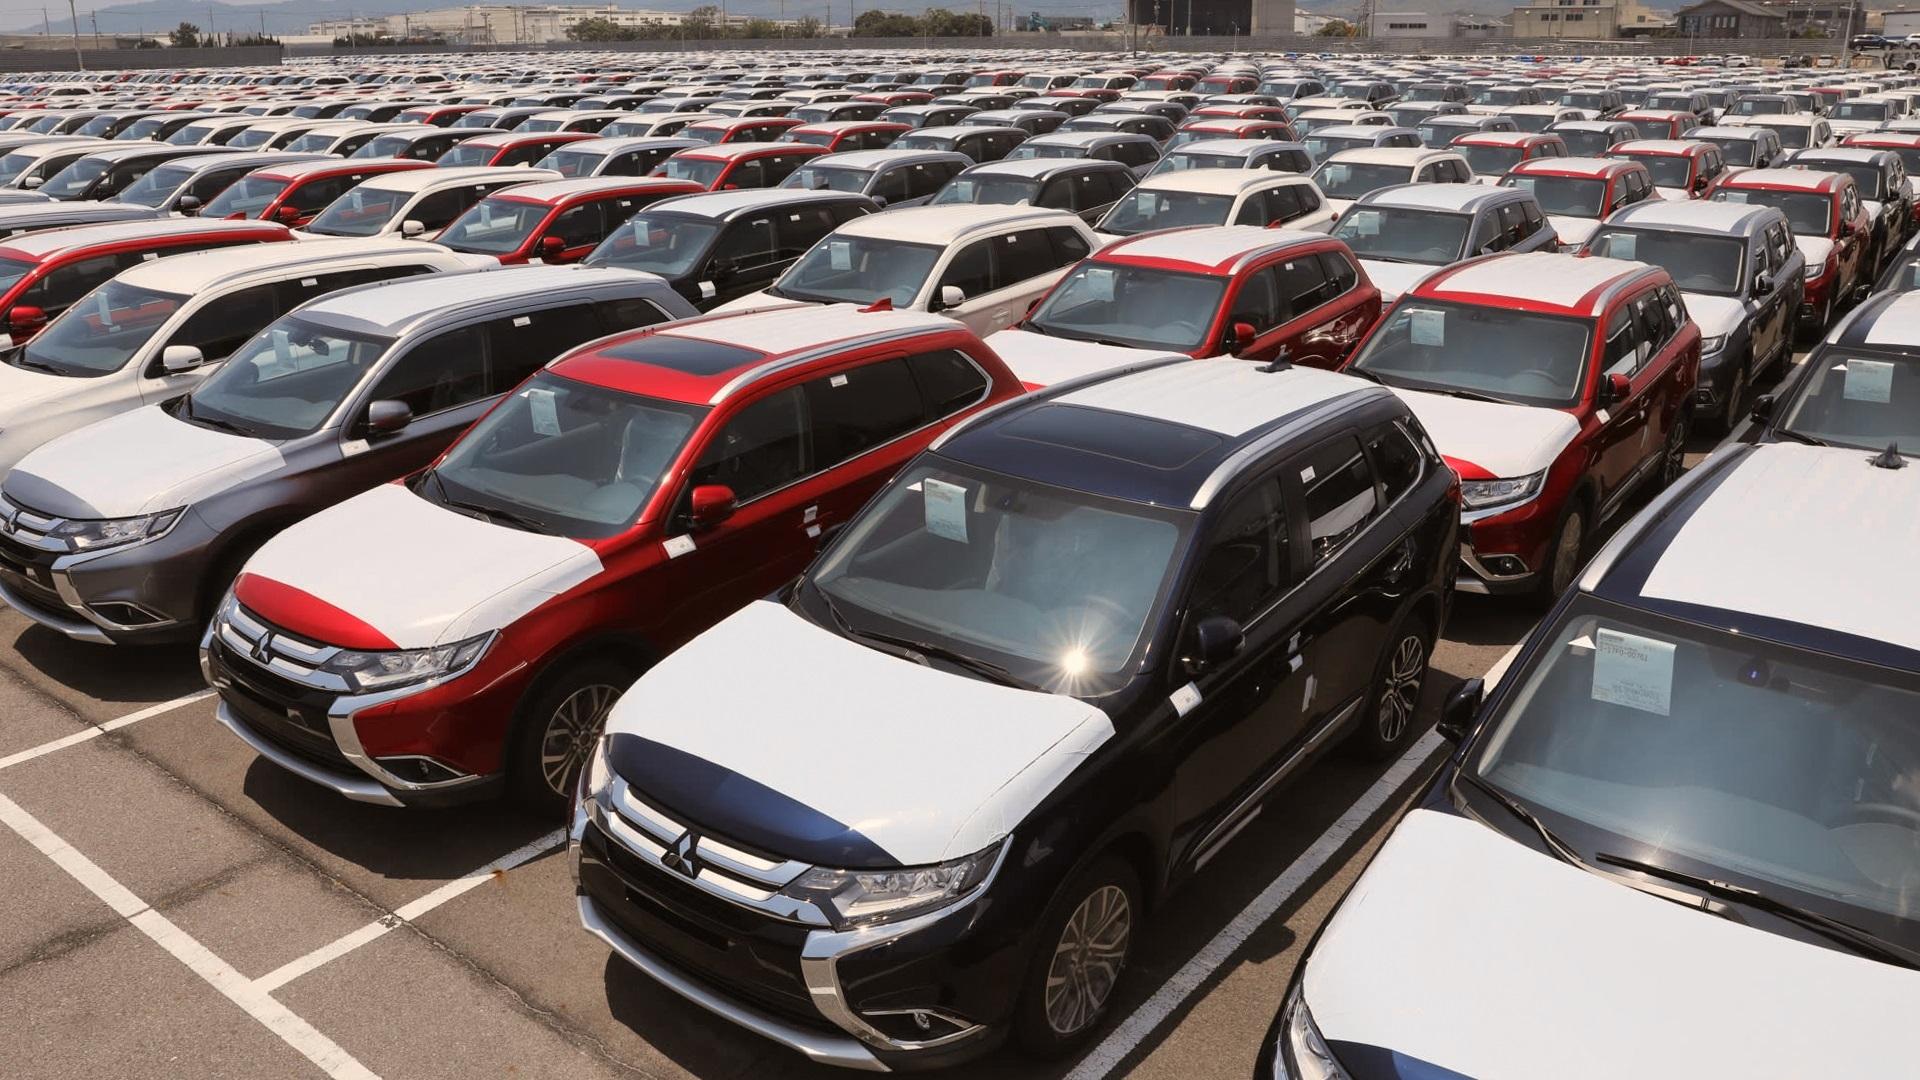 گمرک: وضعیت ۲۲۴۹ خودرو دپوشده را به وزارت اقتصاد اعلام کرده ایم